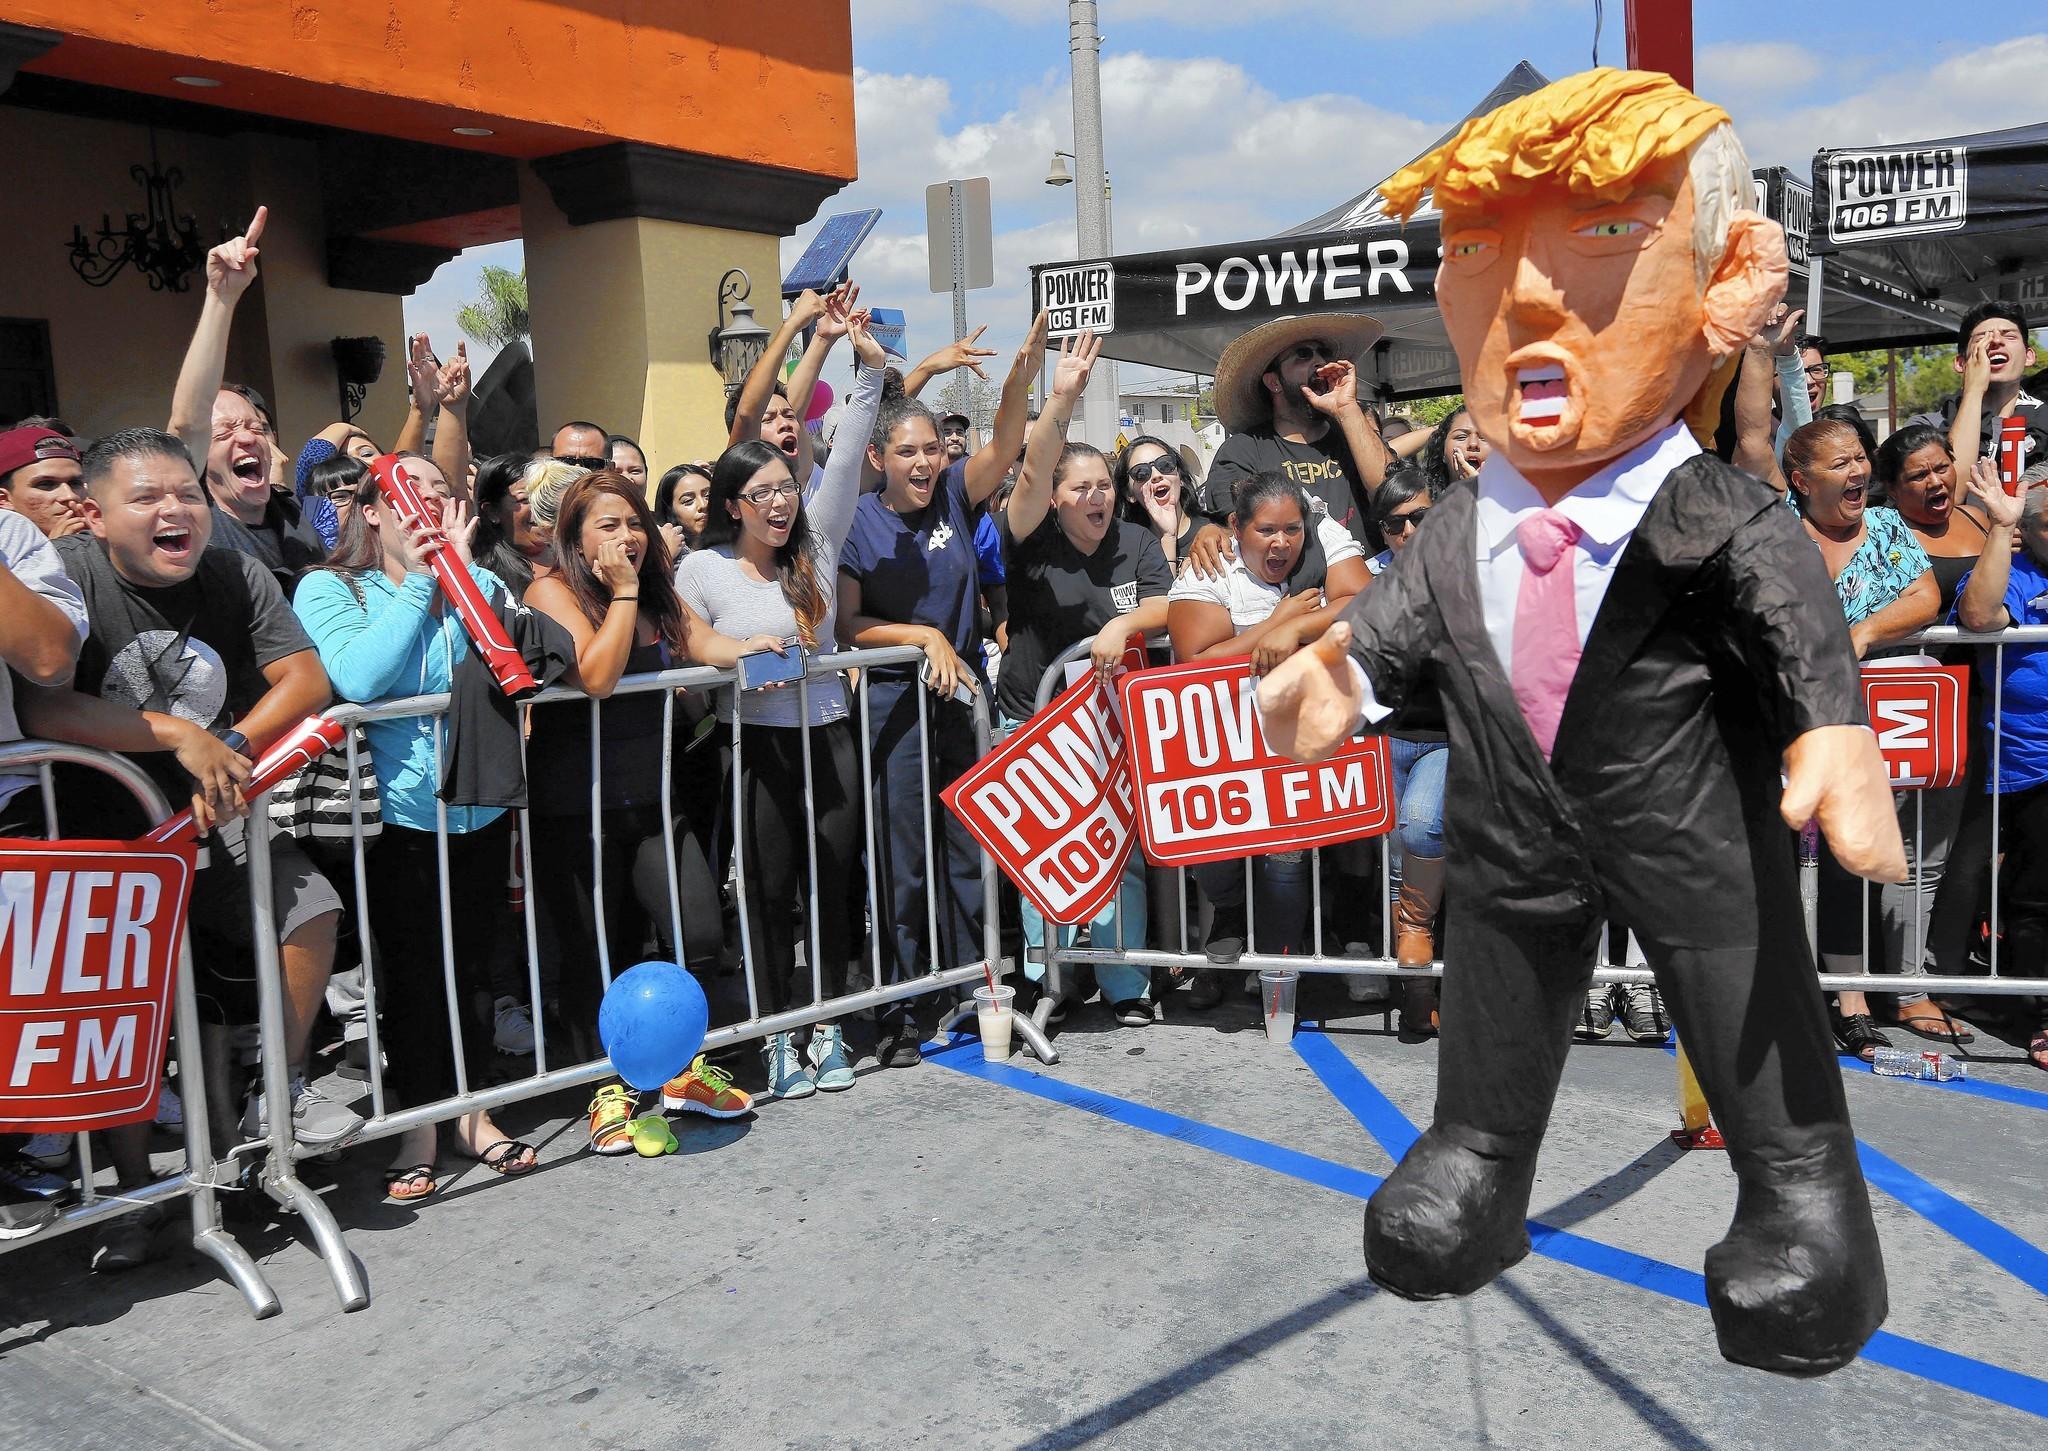 Αποτέλεσμα εικόνας για trump effect